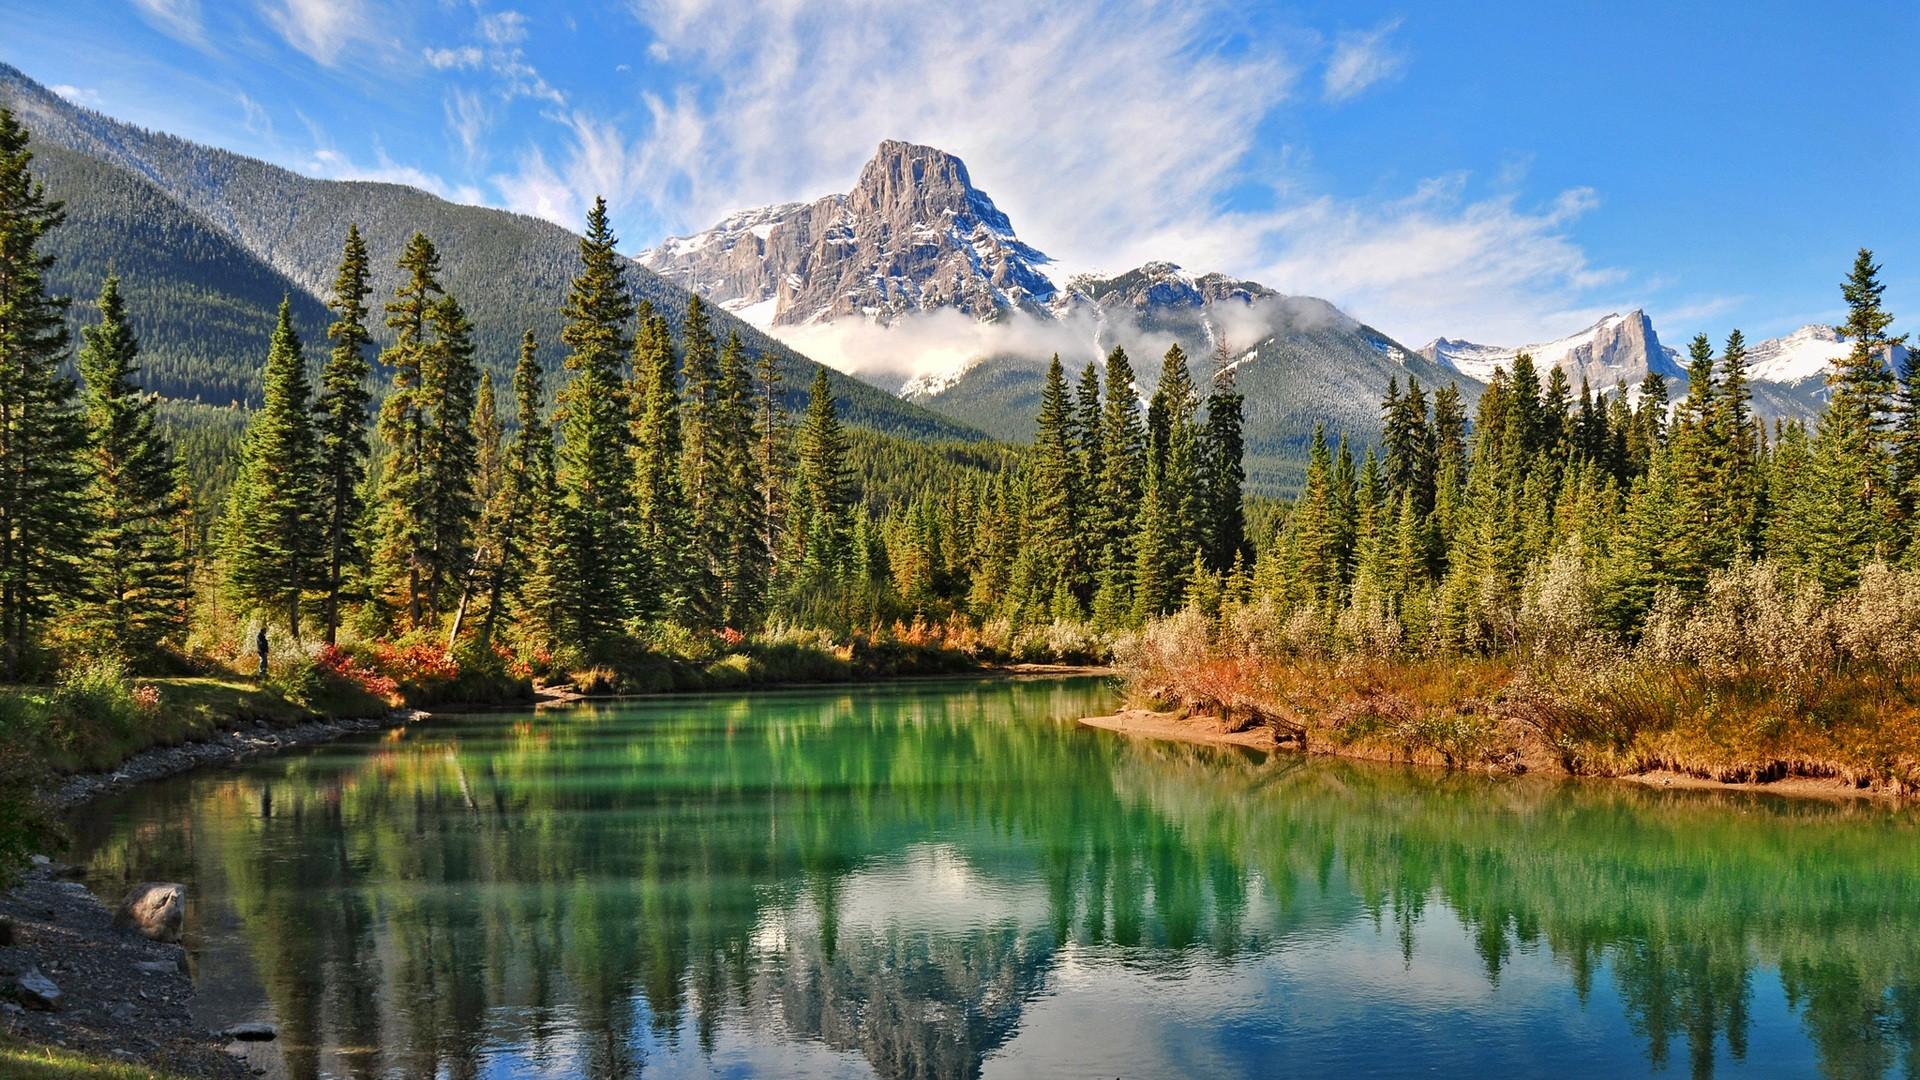 fond d 39 cran paysage for t montagnes lac eau la nature r flexion herbe des nuages. Black Bedroom Furniture Sets. Home Design Ideas